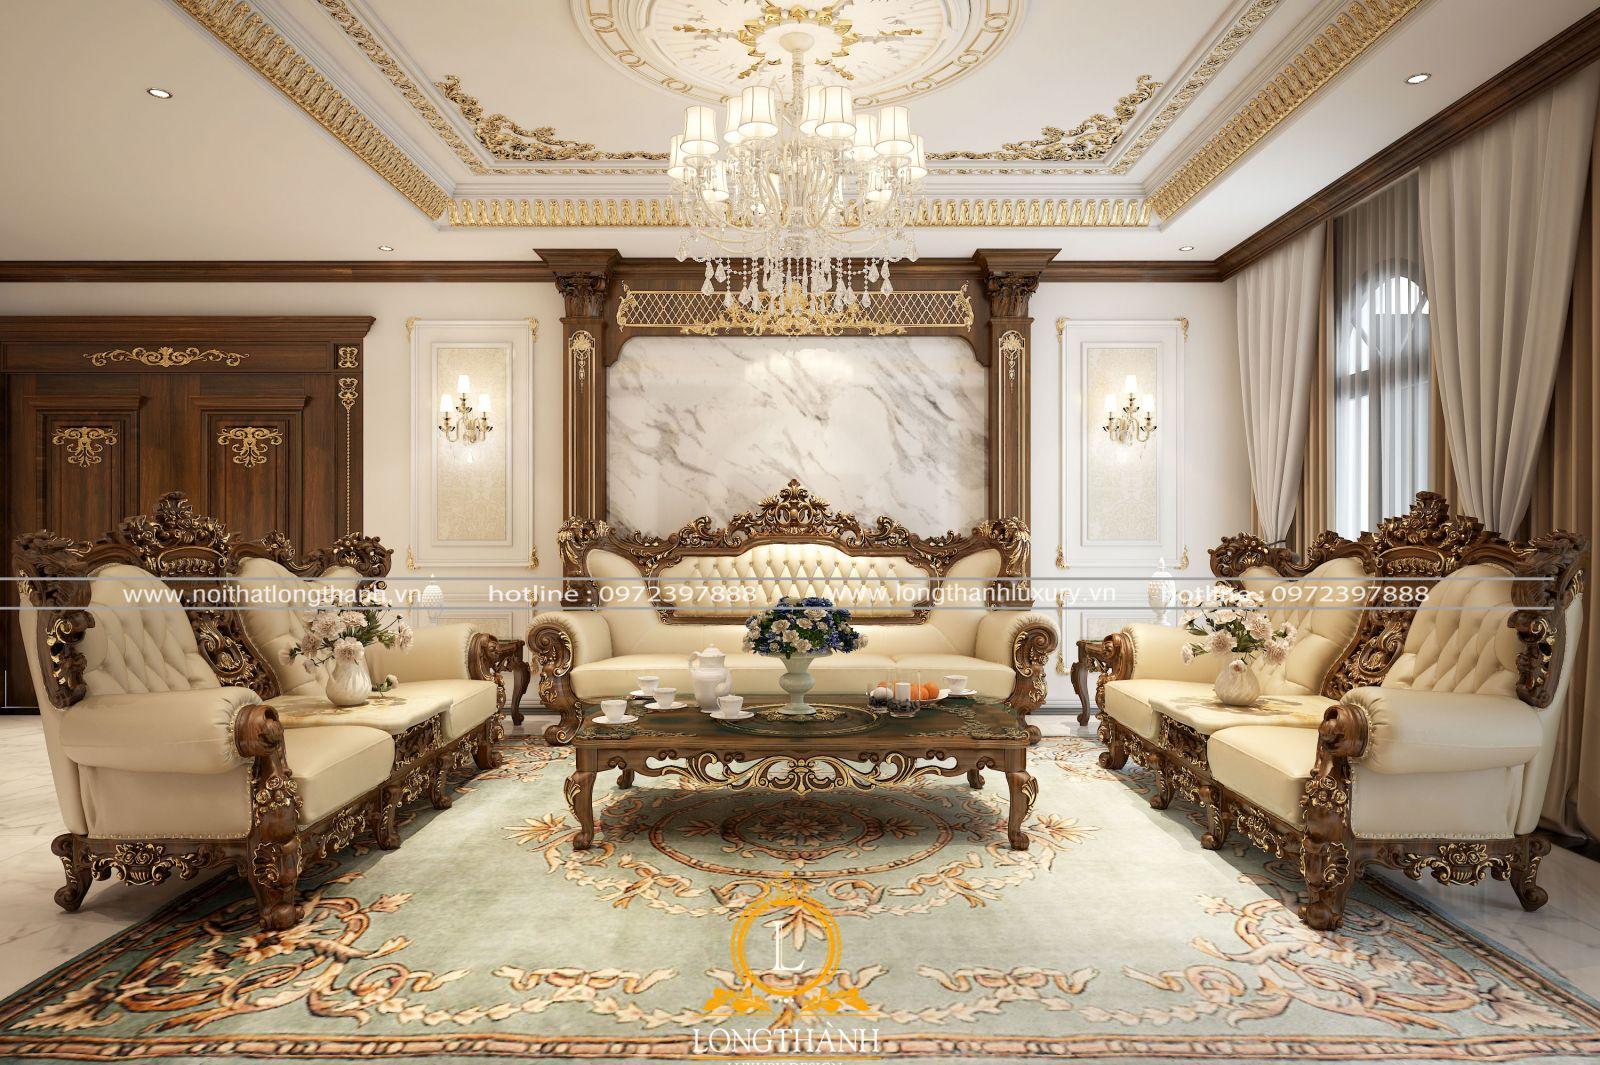 Bộ sofa mang đến sự tiện nghi và thể hiện giá trị chất lượng cuộc sống